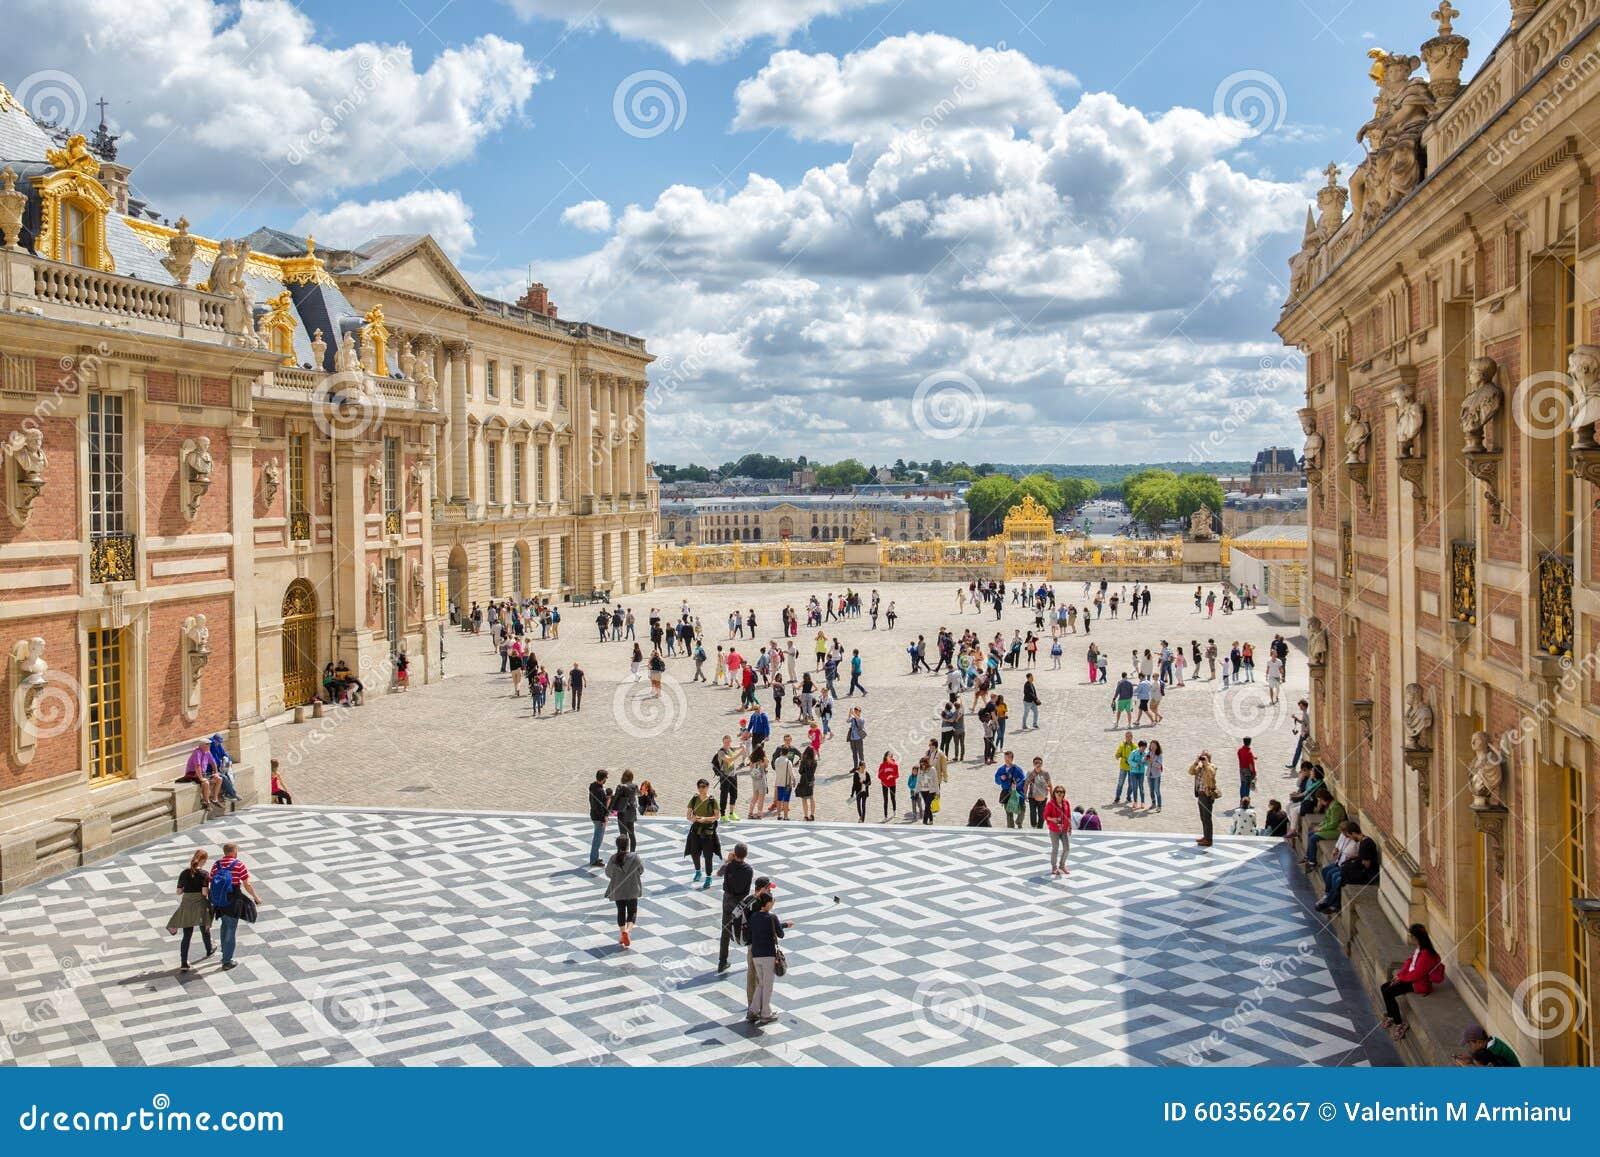 皇家摄影_城堡著名法国宫殿皇家凡尔赛 图库摄影片